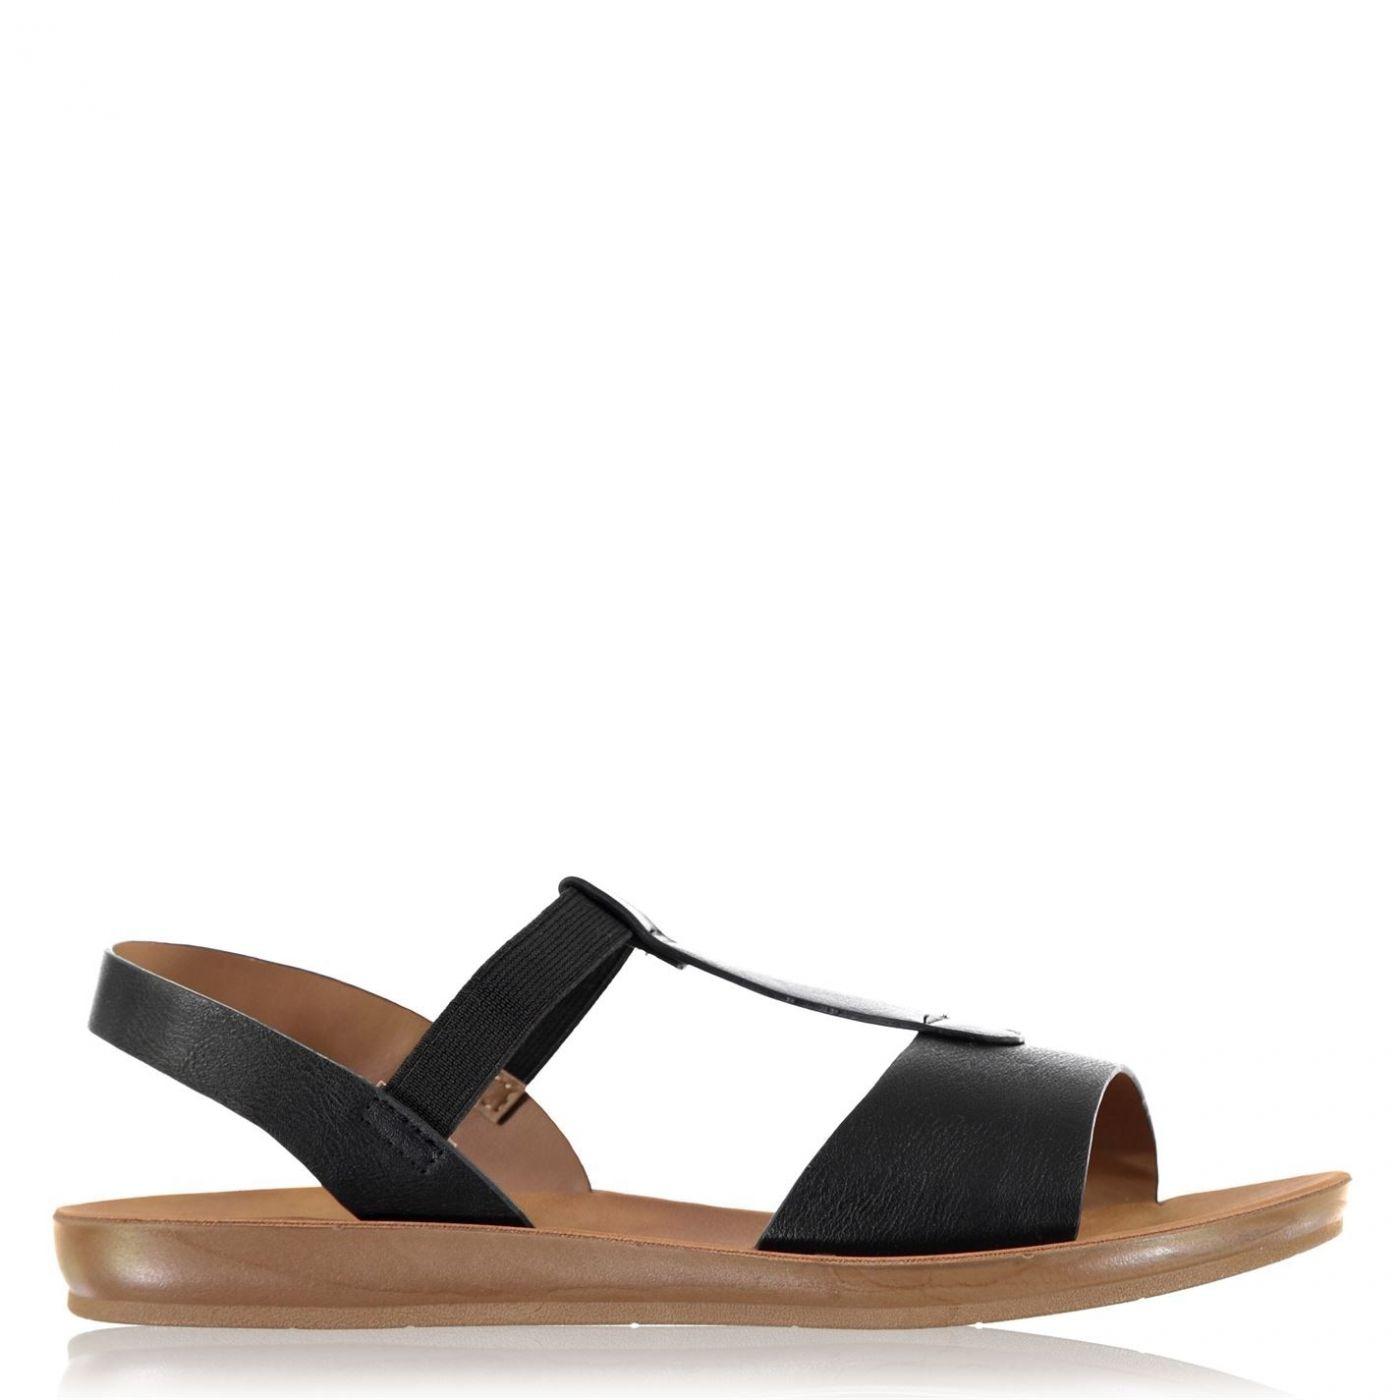 Kangol Mimi Sandals Ladies